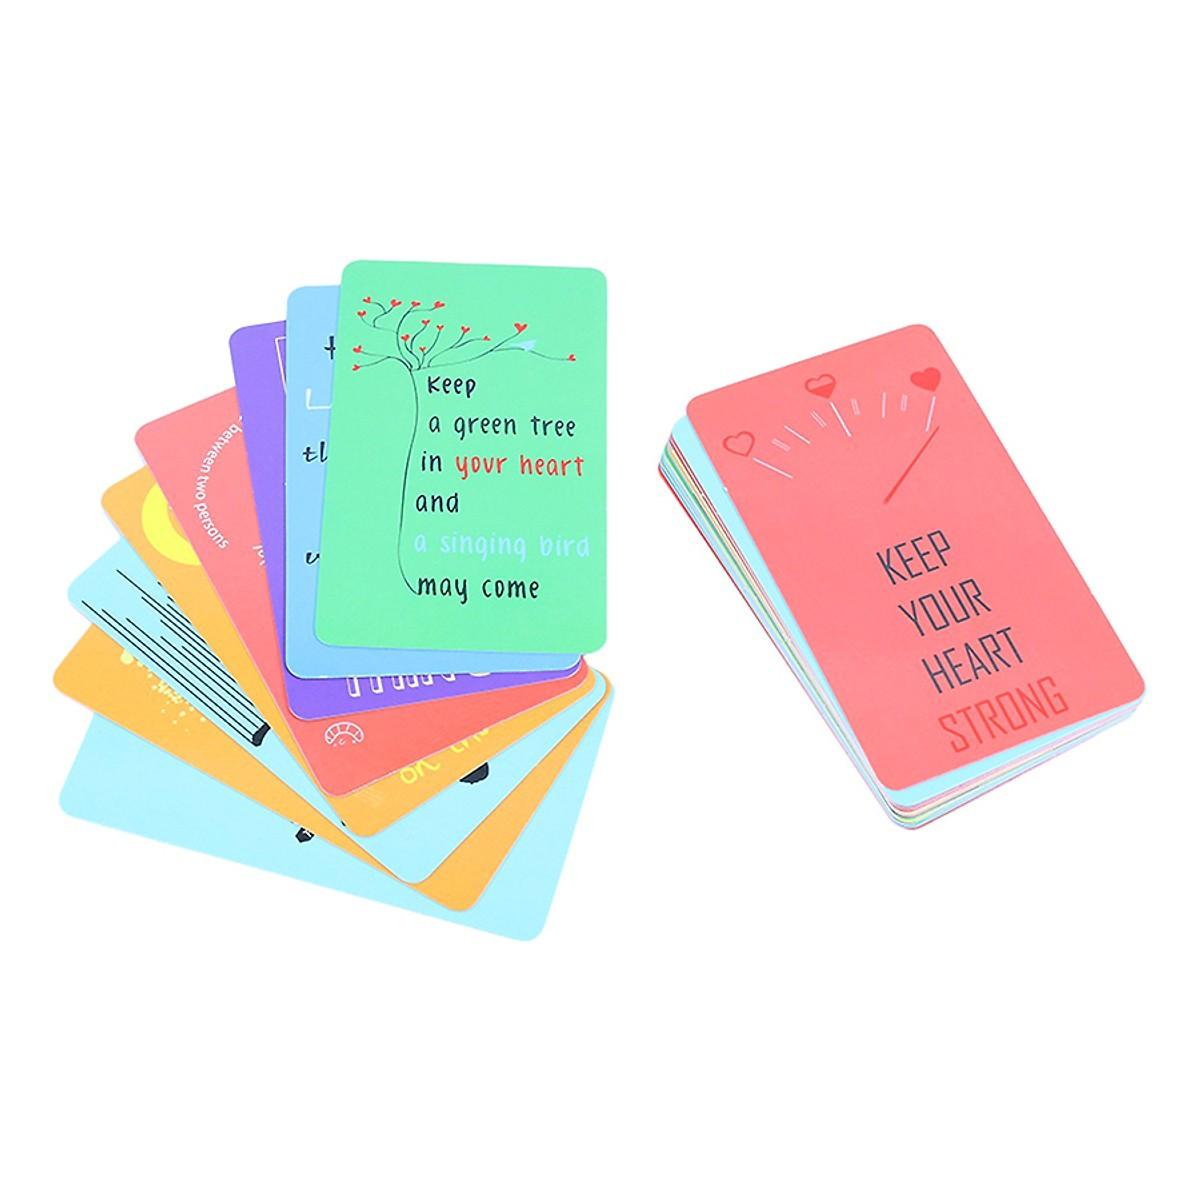 Combo Truyện Của Diệp Lạc Vô Tâm: Sự Cám Dỗ Cuối Cùng + Nụ Hôn Của Sói (Bộ Ngôn Tình Trung Quốc Được Độc Gỉa Đón Đọc Nhiều Nhất / Tặng Kèm Bookmark Green Life)